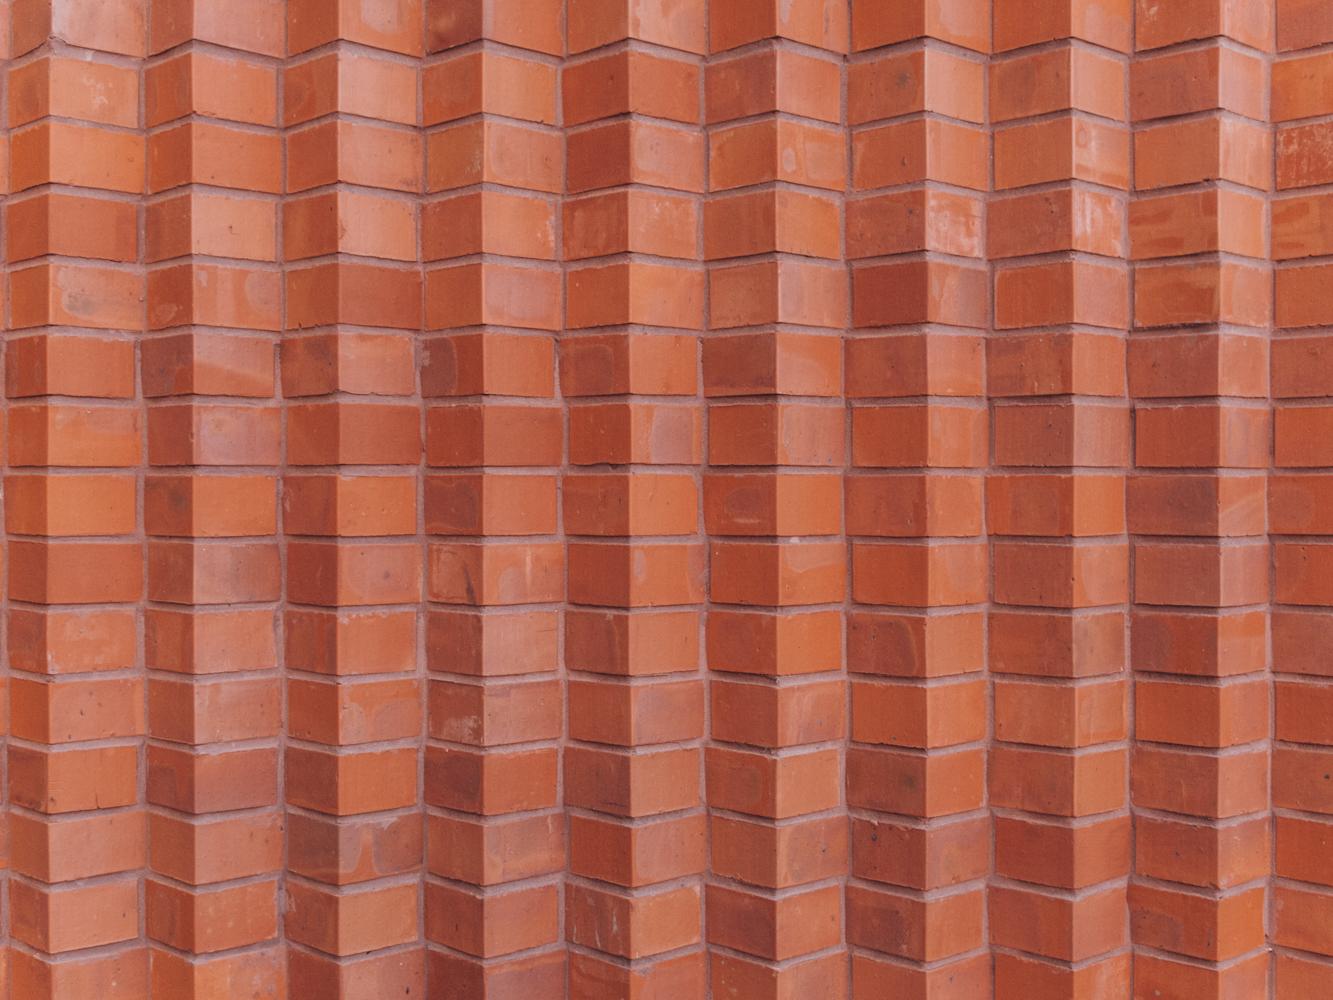 Haarkon Manchester Travel Visit England Sunshine Winter Museum Whitworth Art Gallery Brick Design